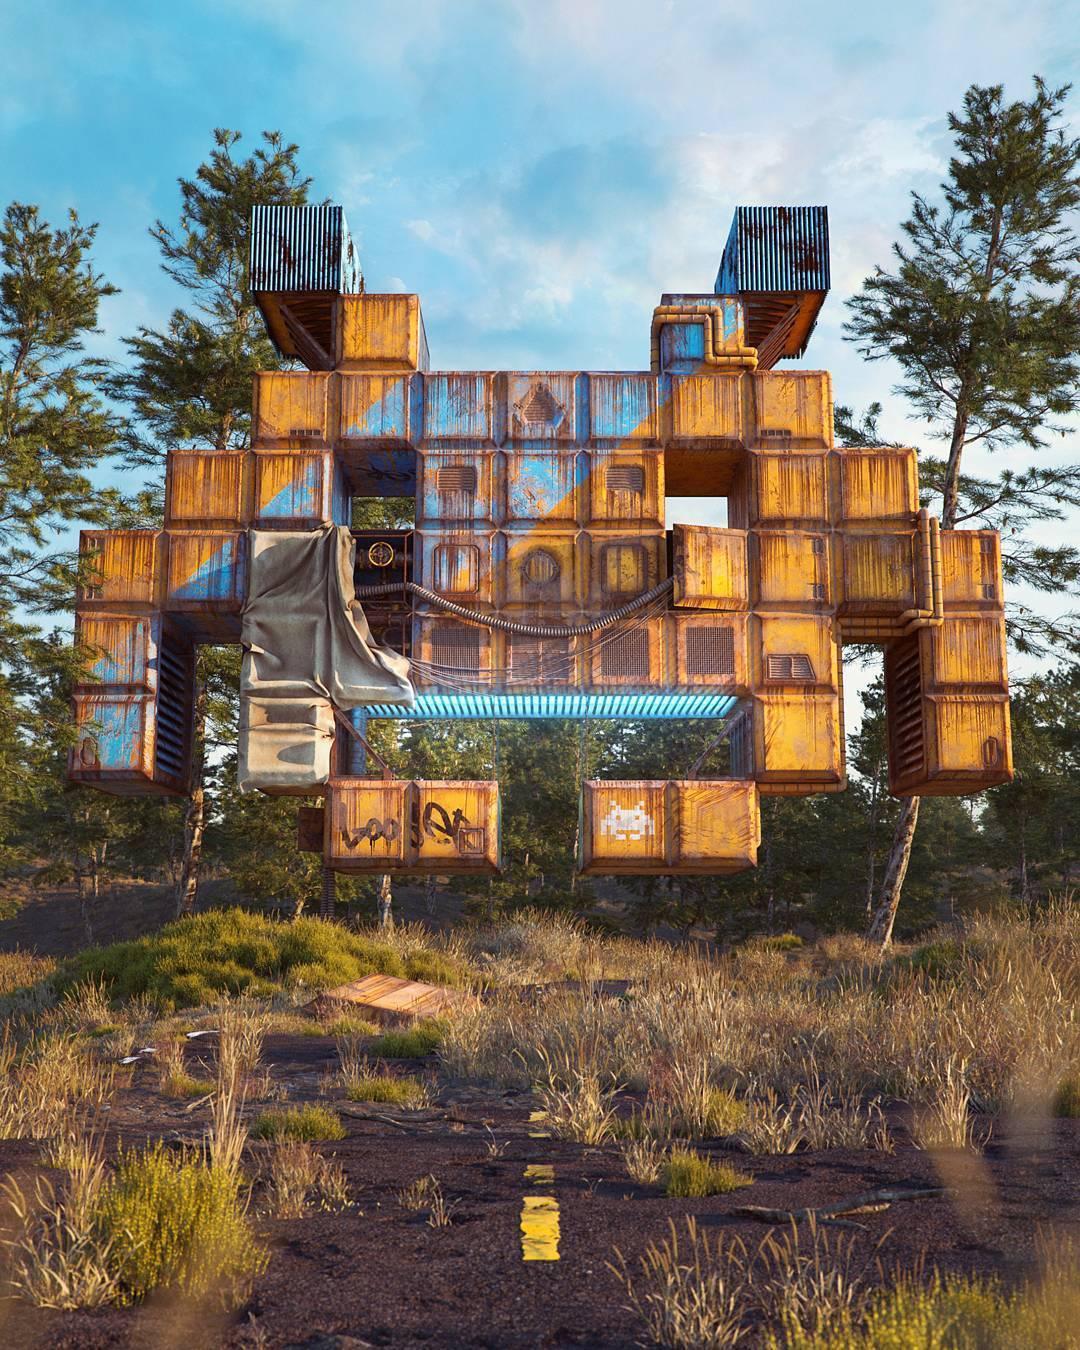 Filip Hodas's dystopian pop culture digital art